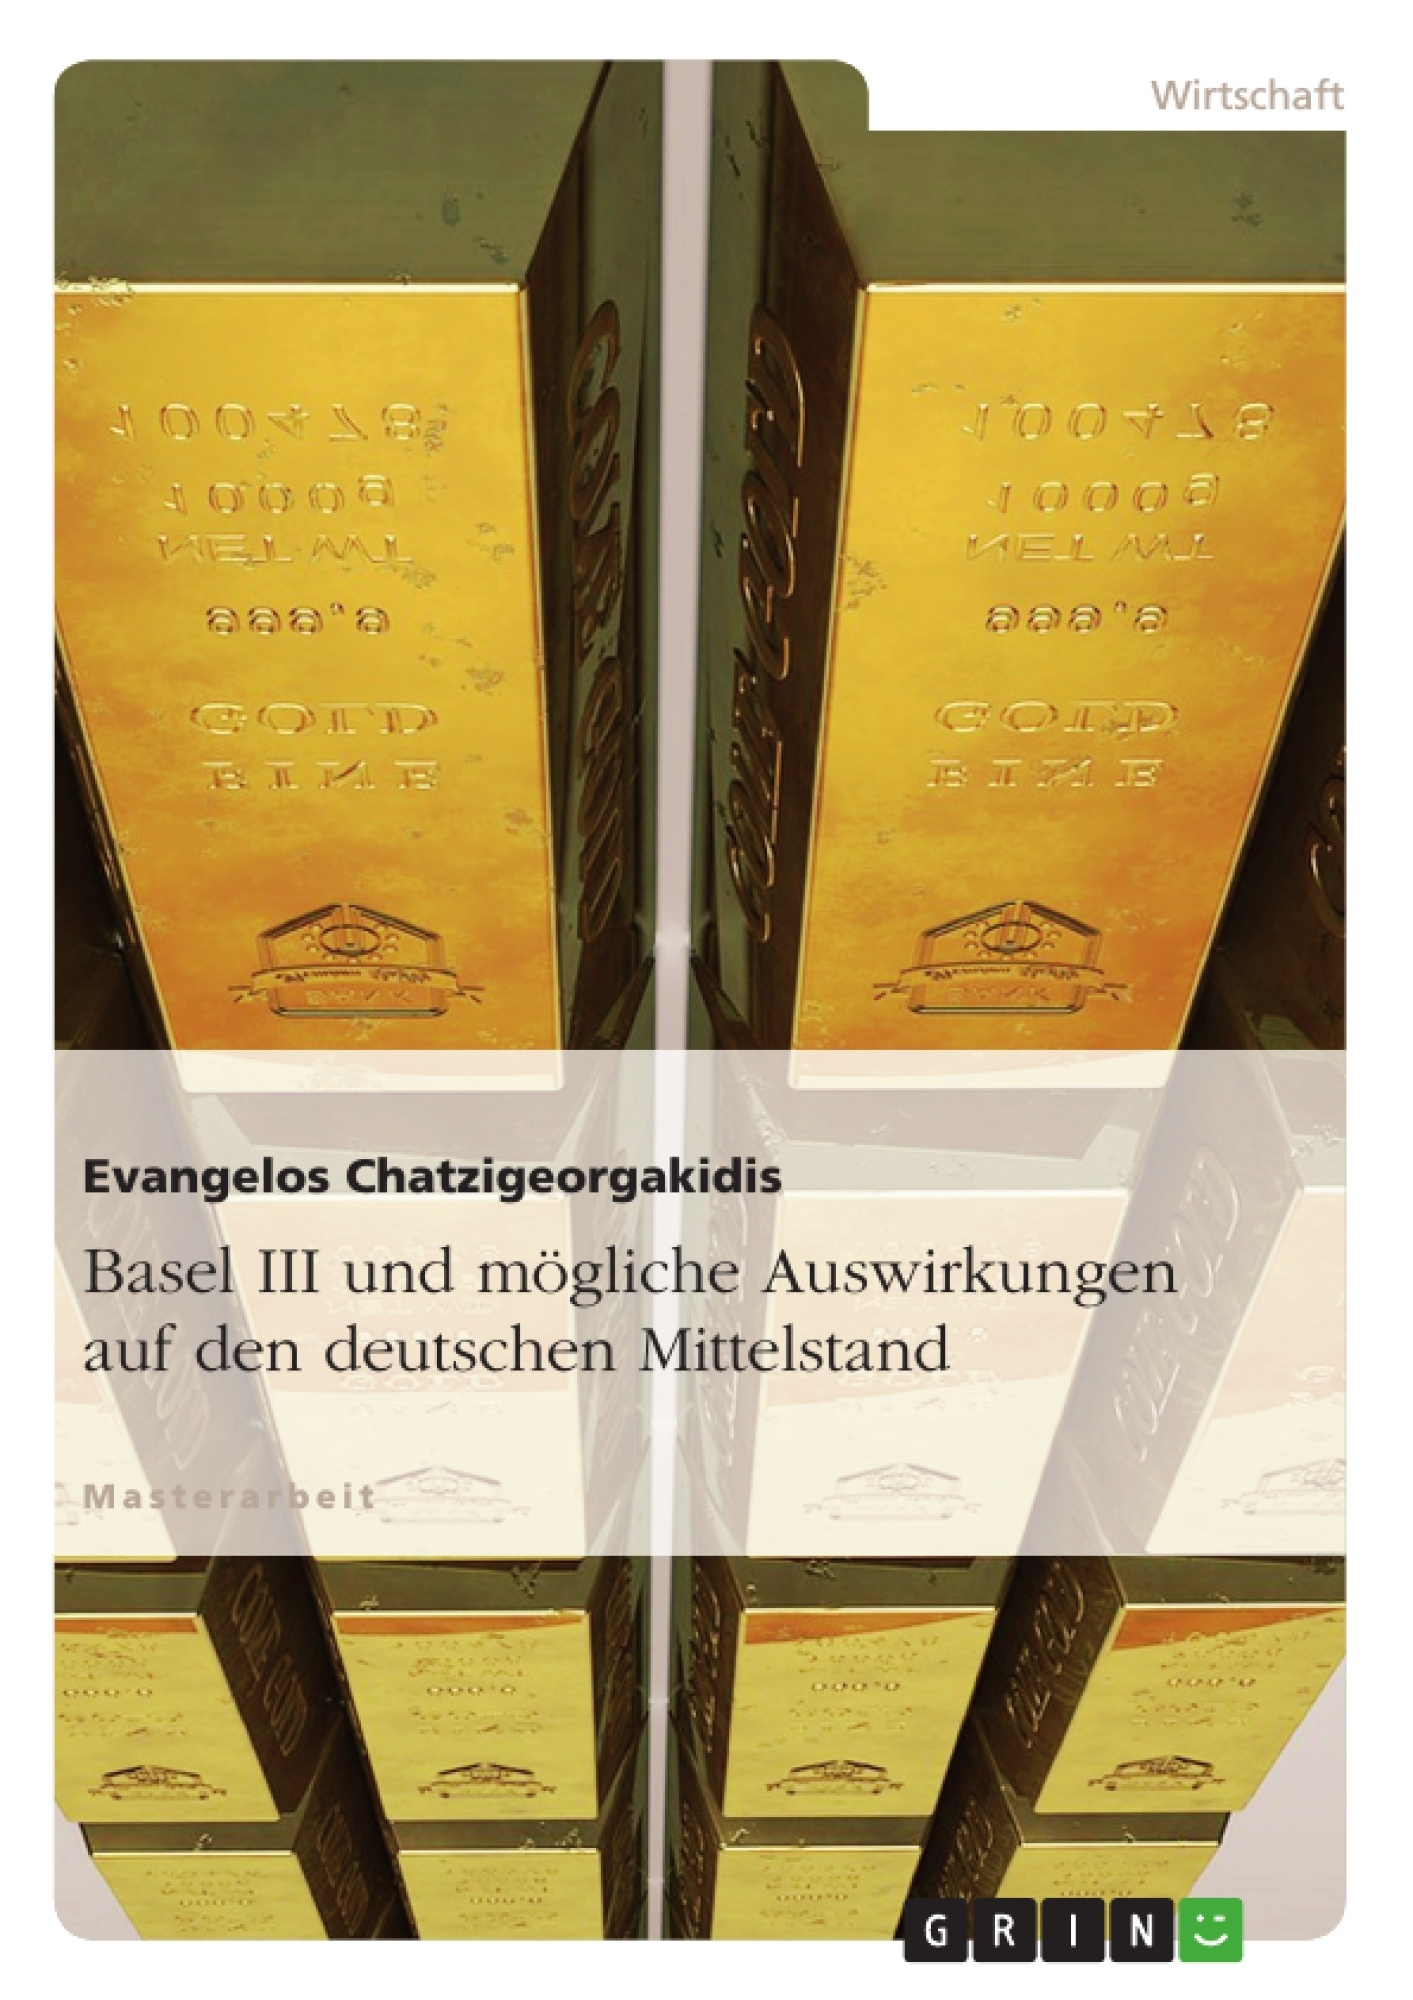 Titel: Basel III und mögliche Auswirkungen auf den deutschen Mittelstand